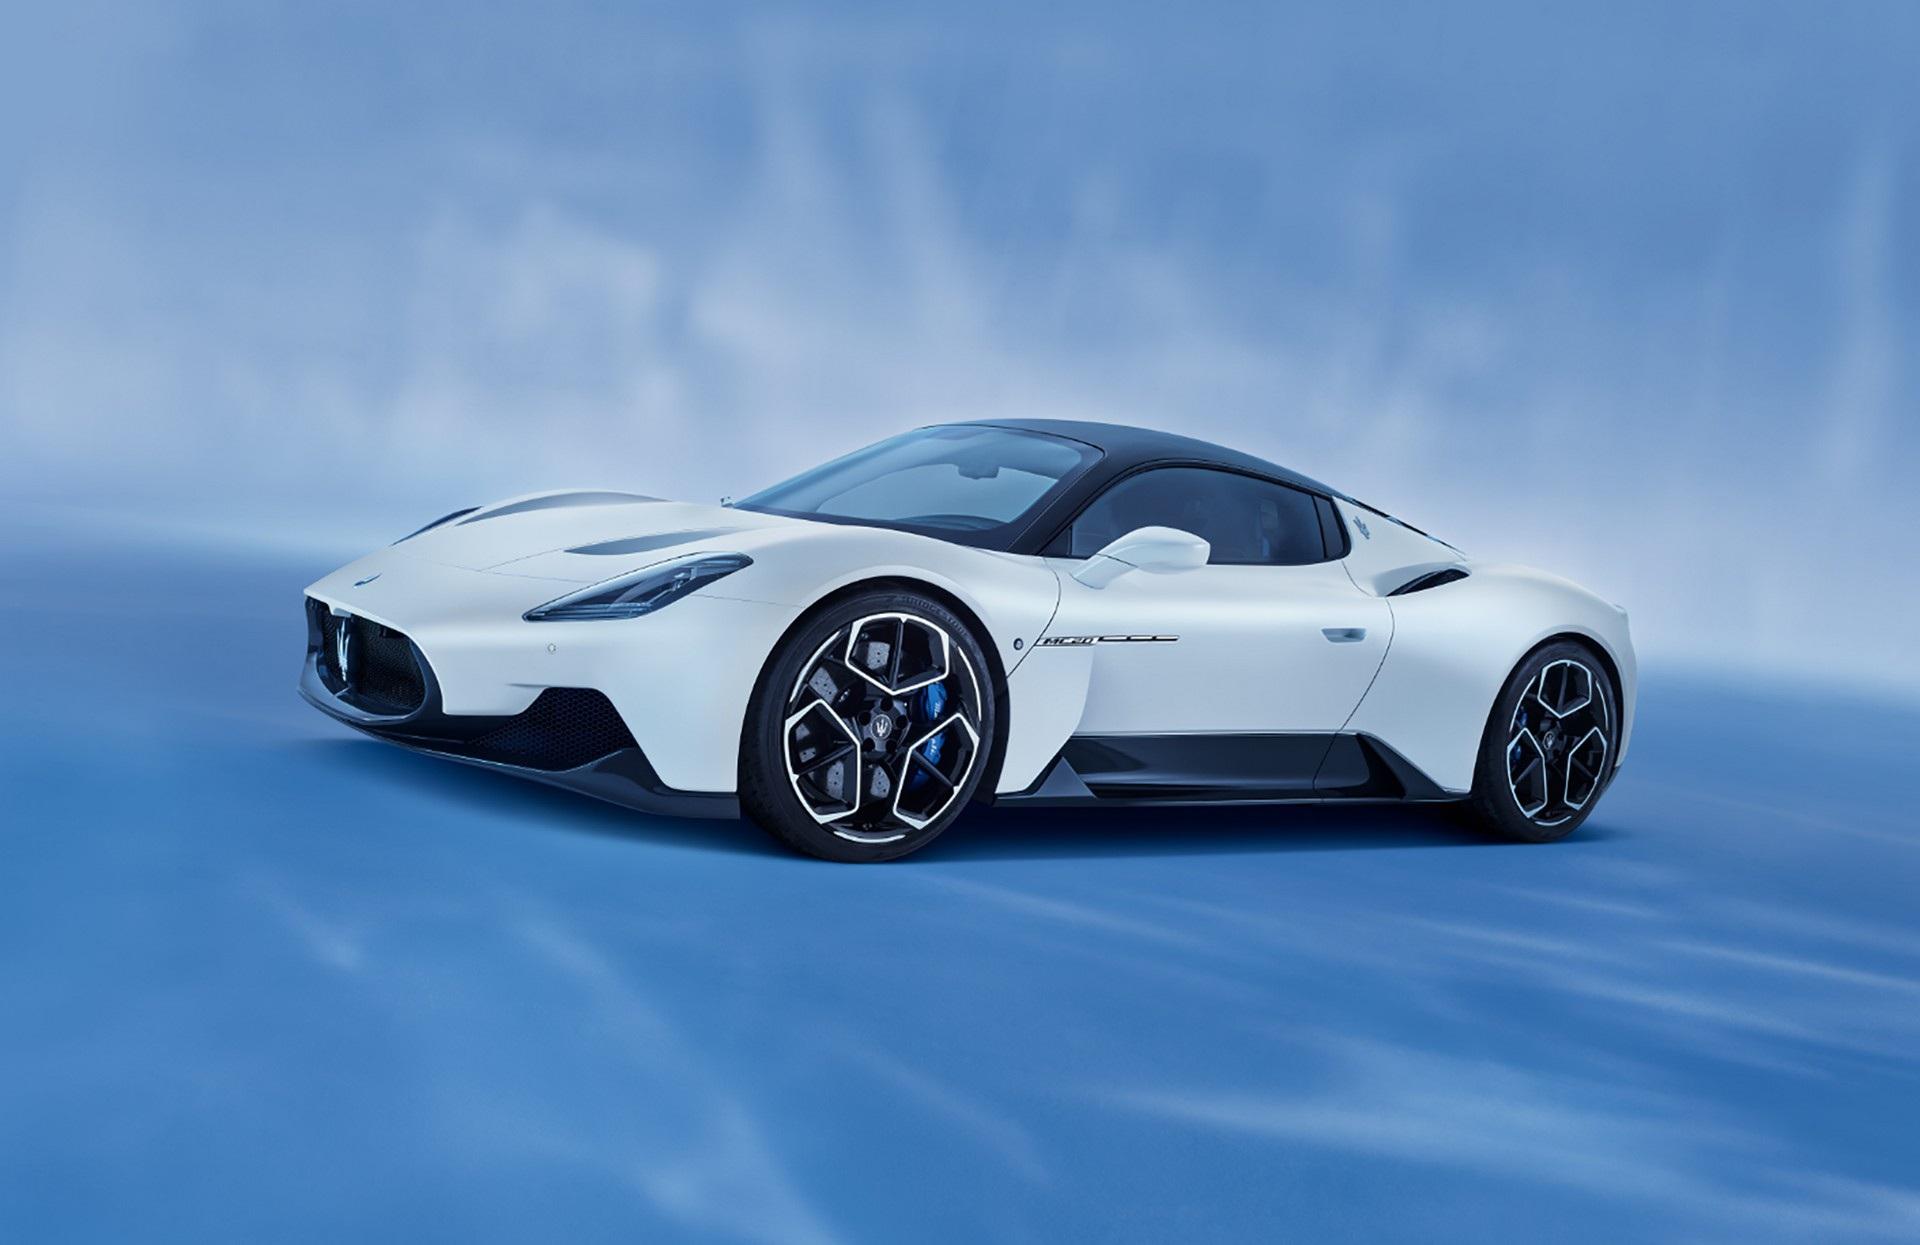 Siêu xe MC20 - Kỷ nguyên mới của Maserati